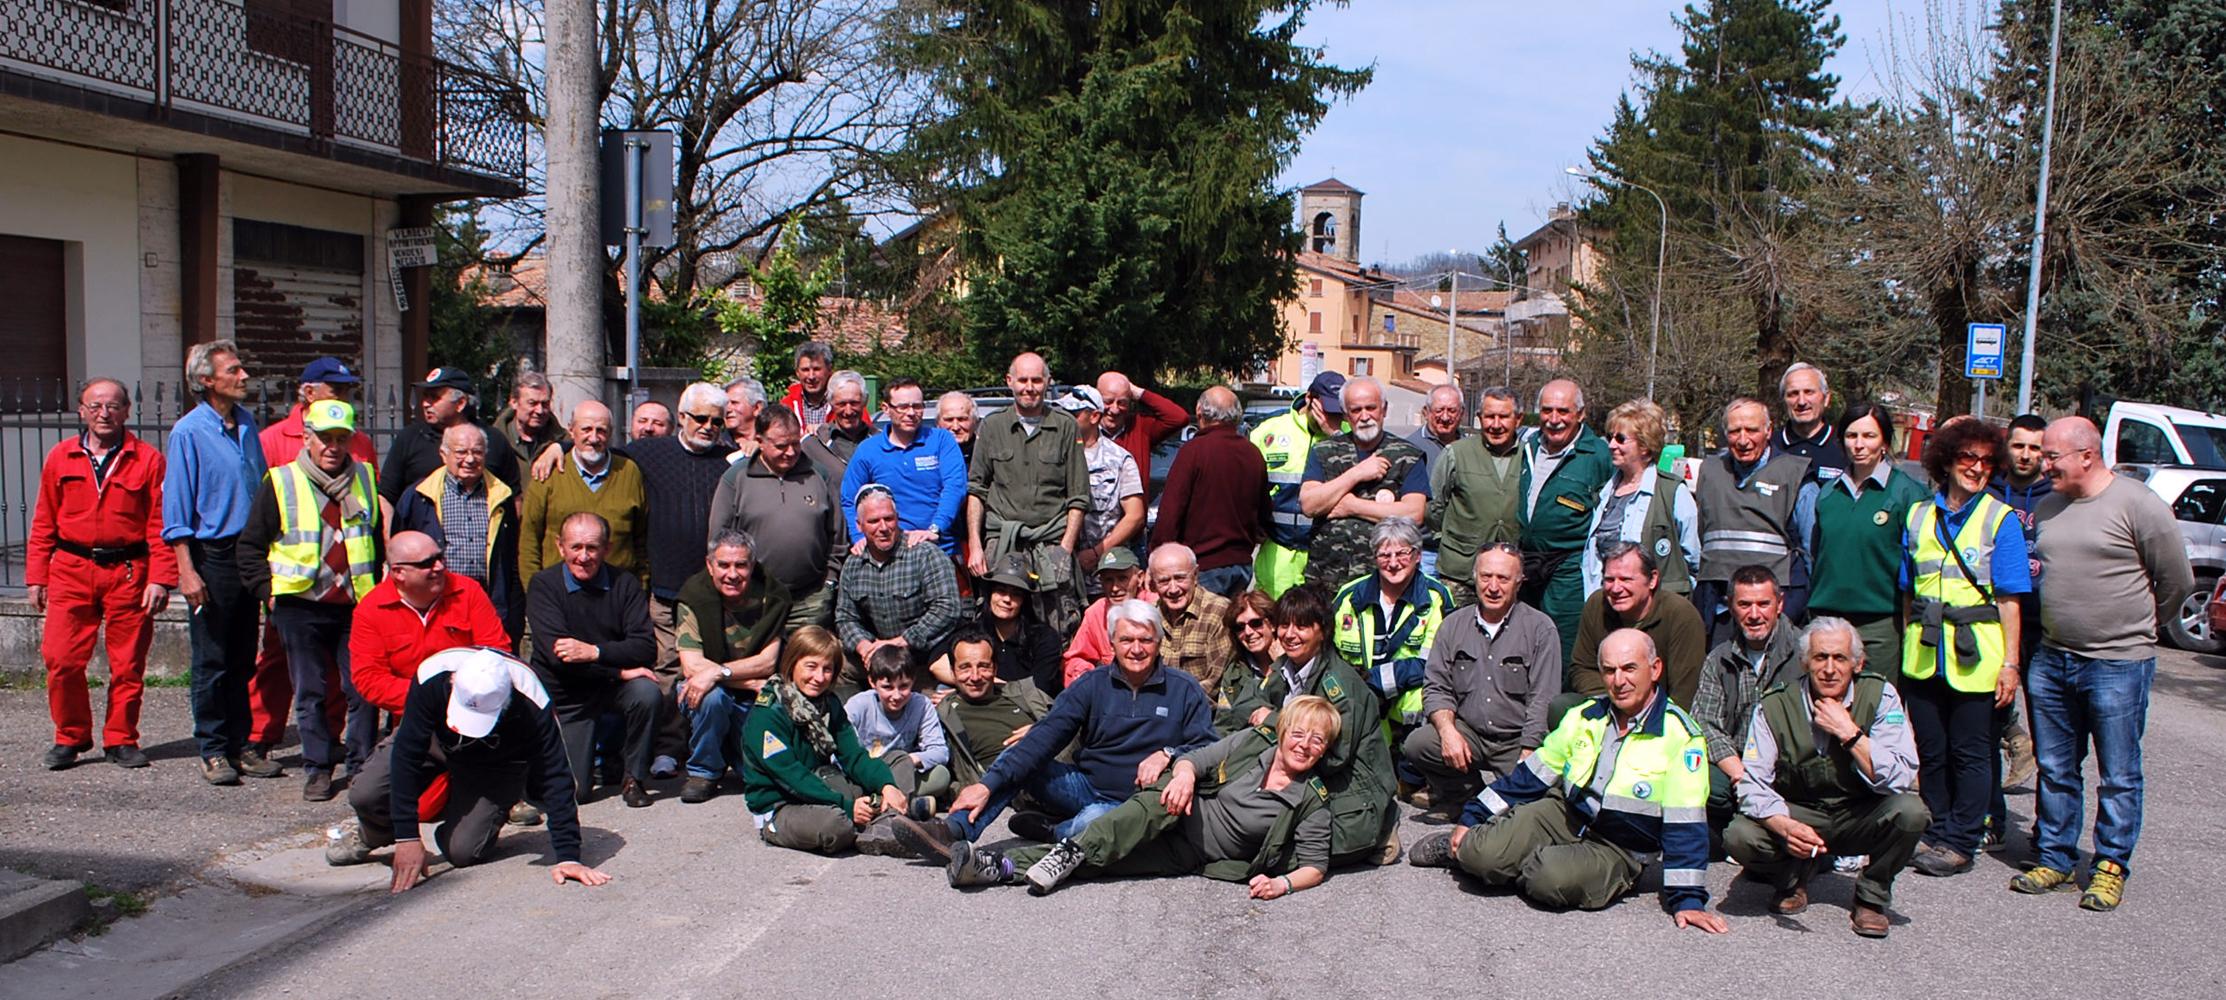 Giornata ecologica 2015 - foto di gruppo